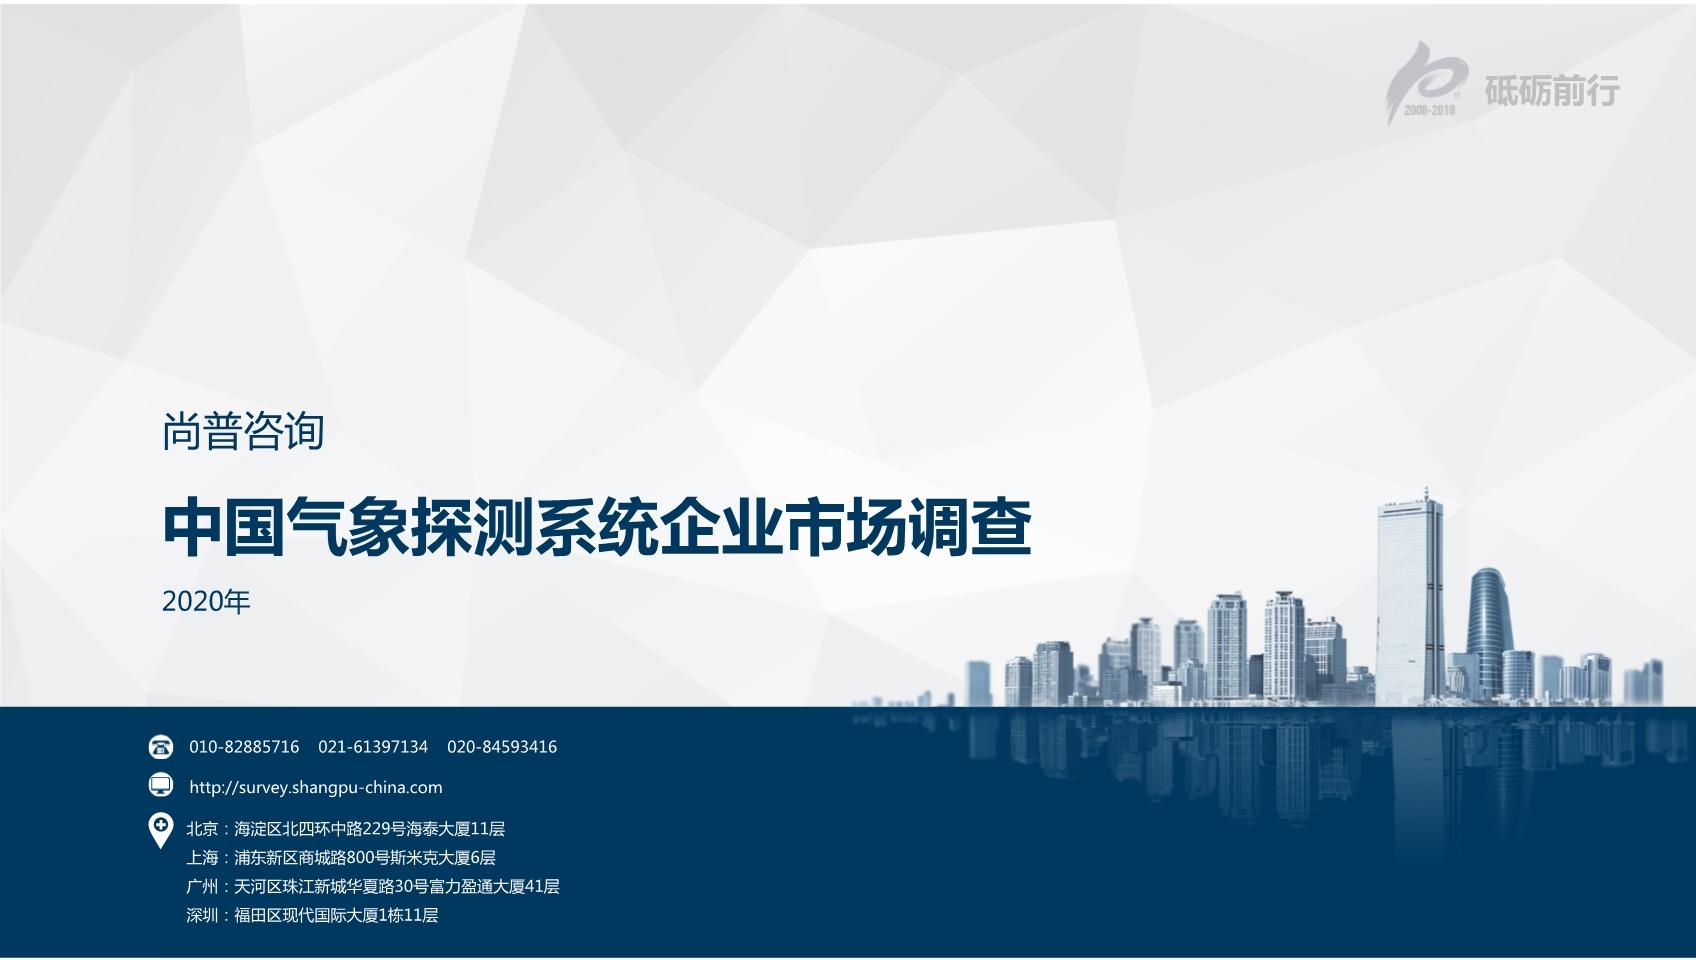 尚普咨询:2020年中国气象探测系统企业市场调查